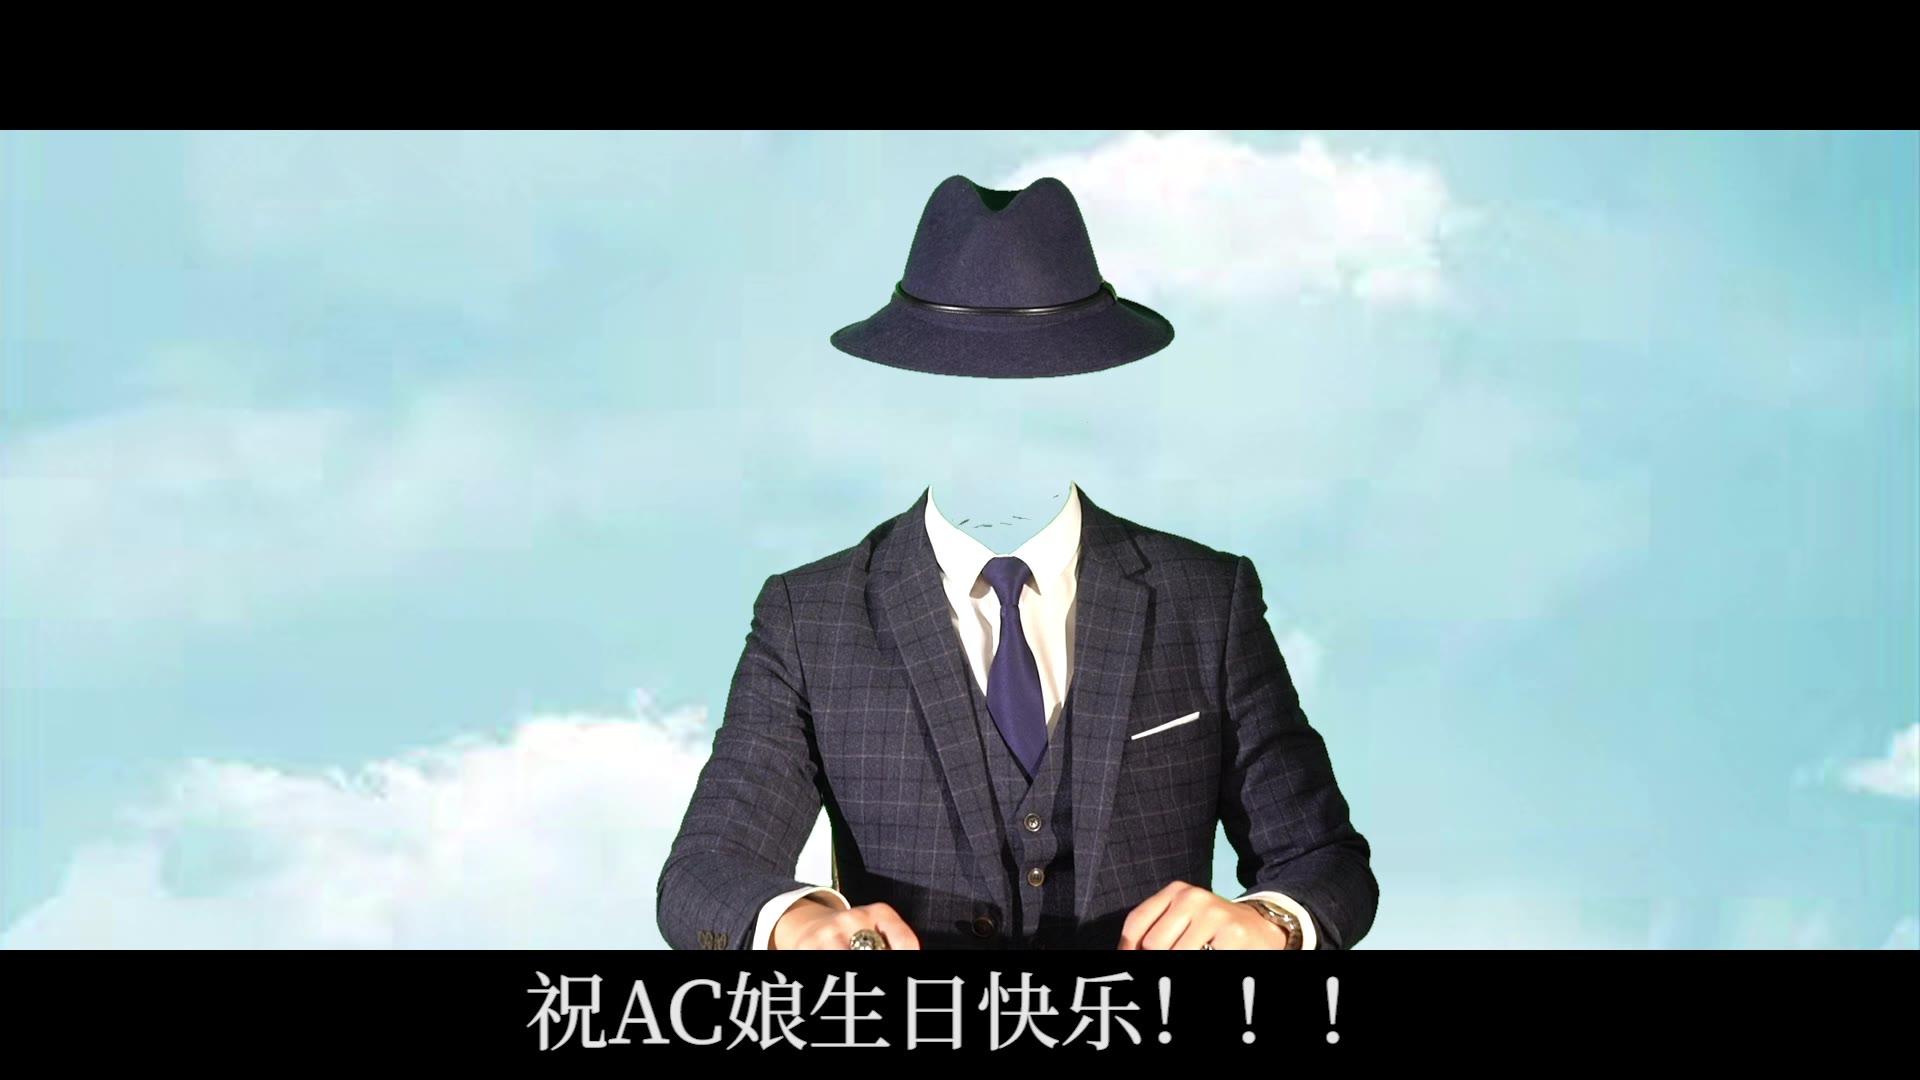 【男爵画廊】祝AcFun13岁生日快乐~!